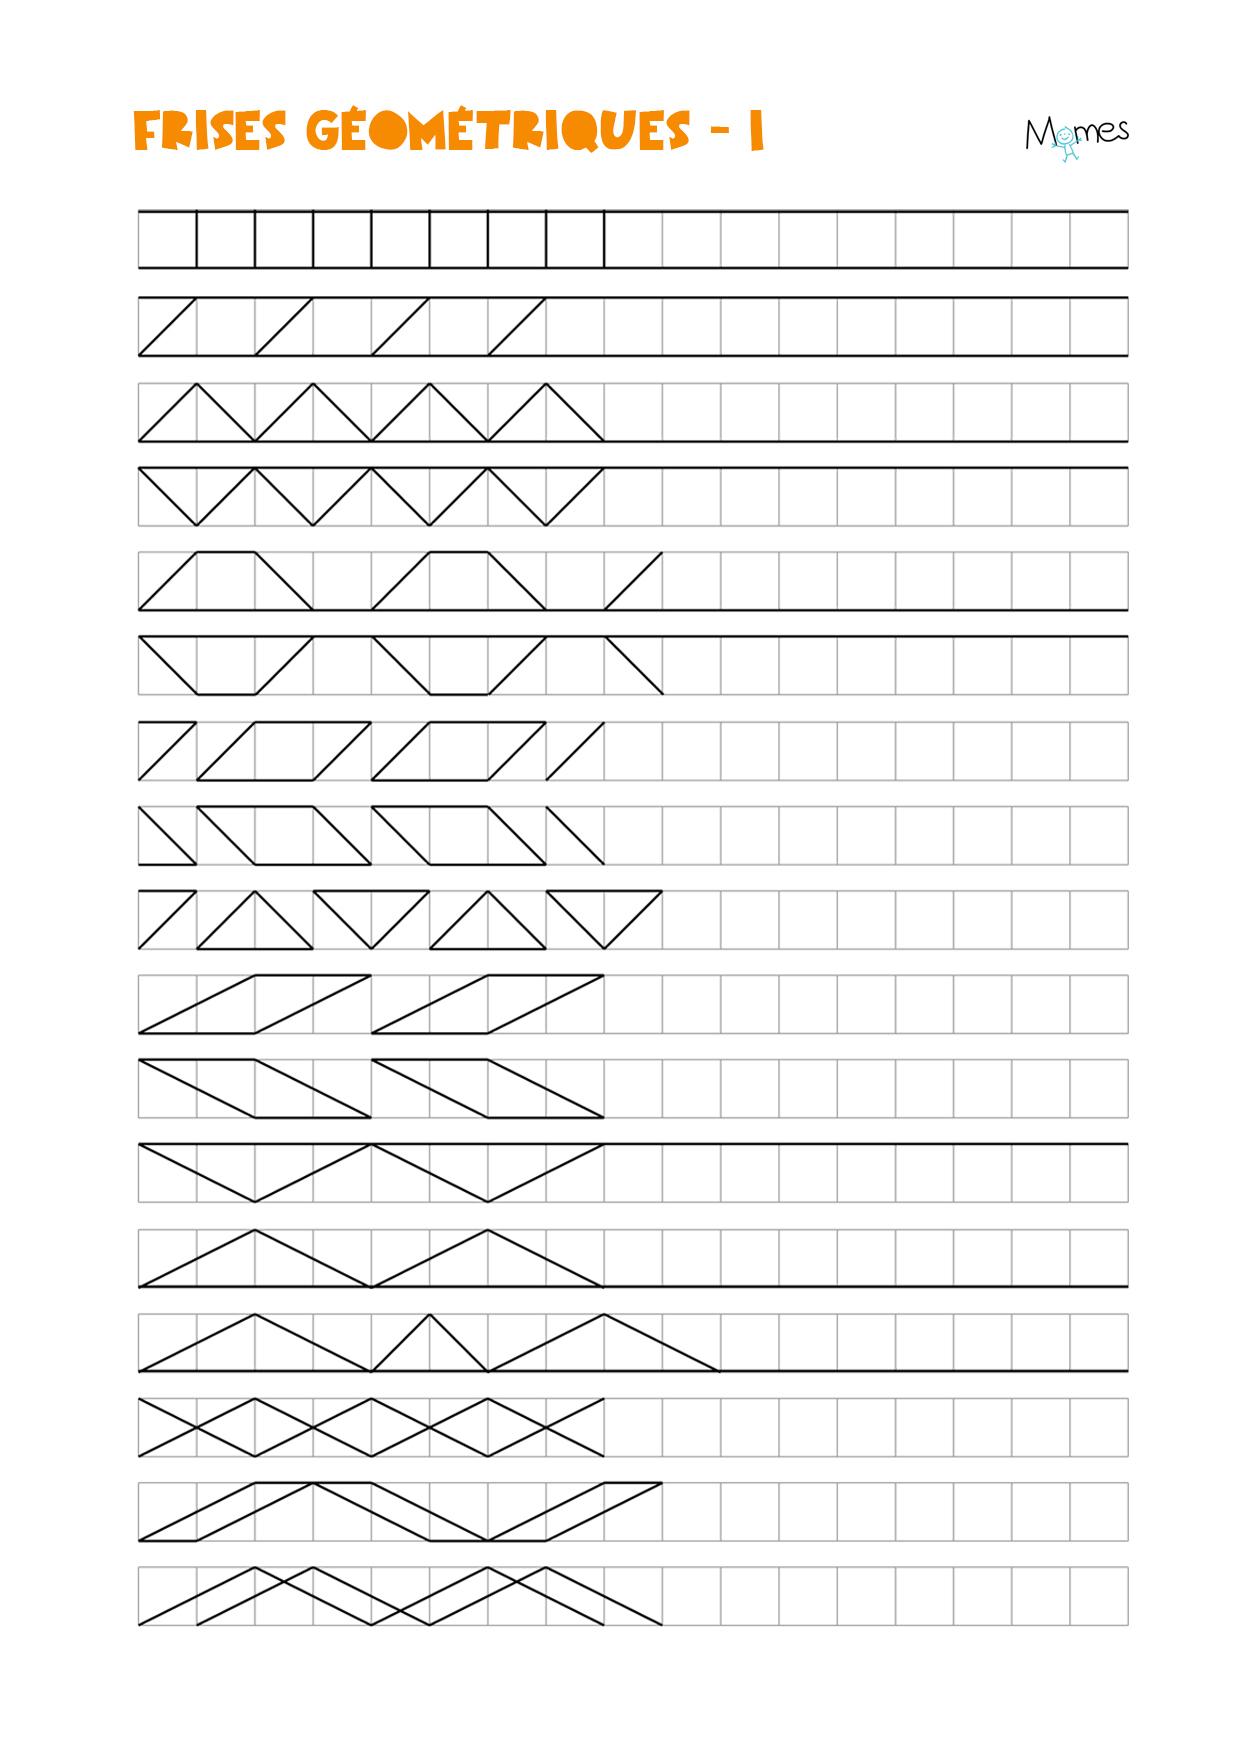 Frises Géométriques - Momes tout Exercice Reproduction Sur Quadrillage Ce1